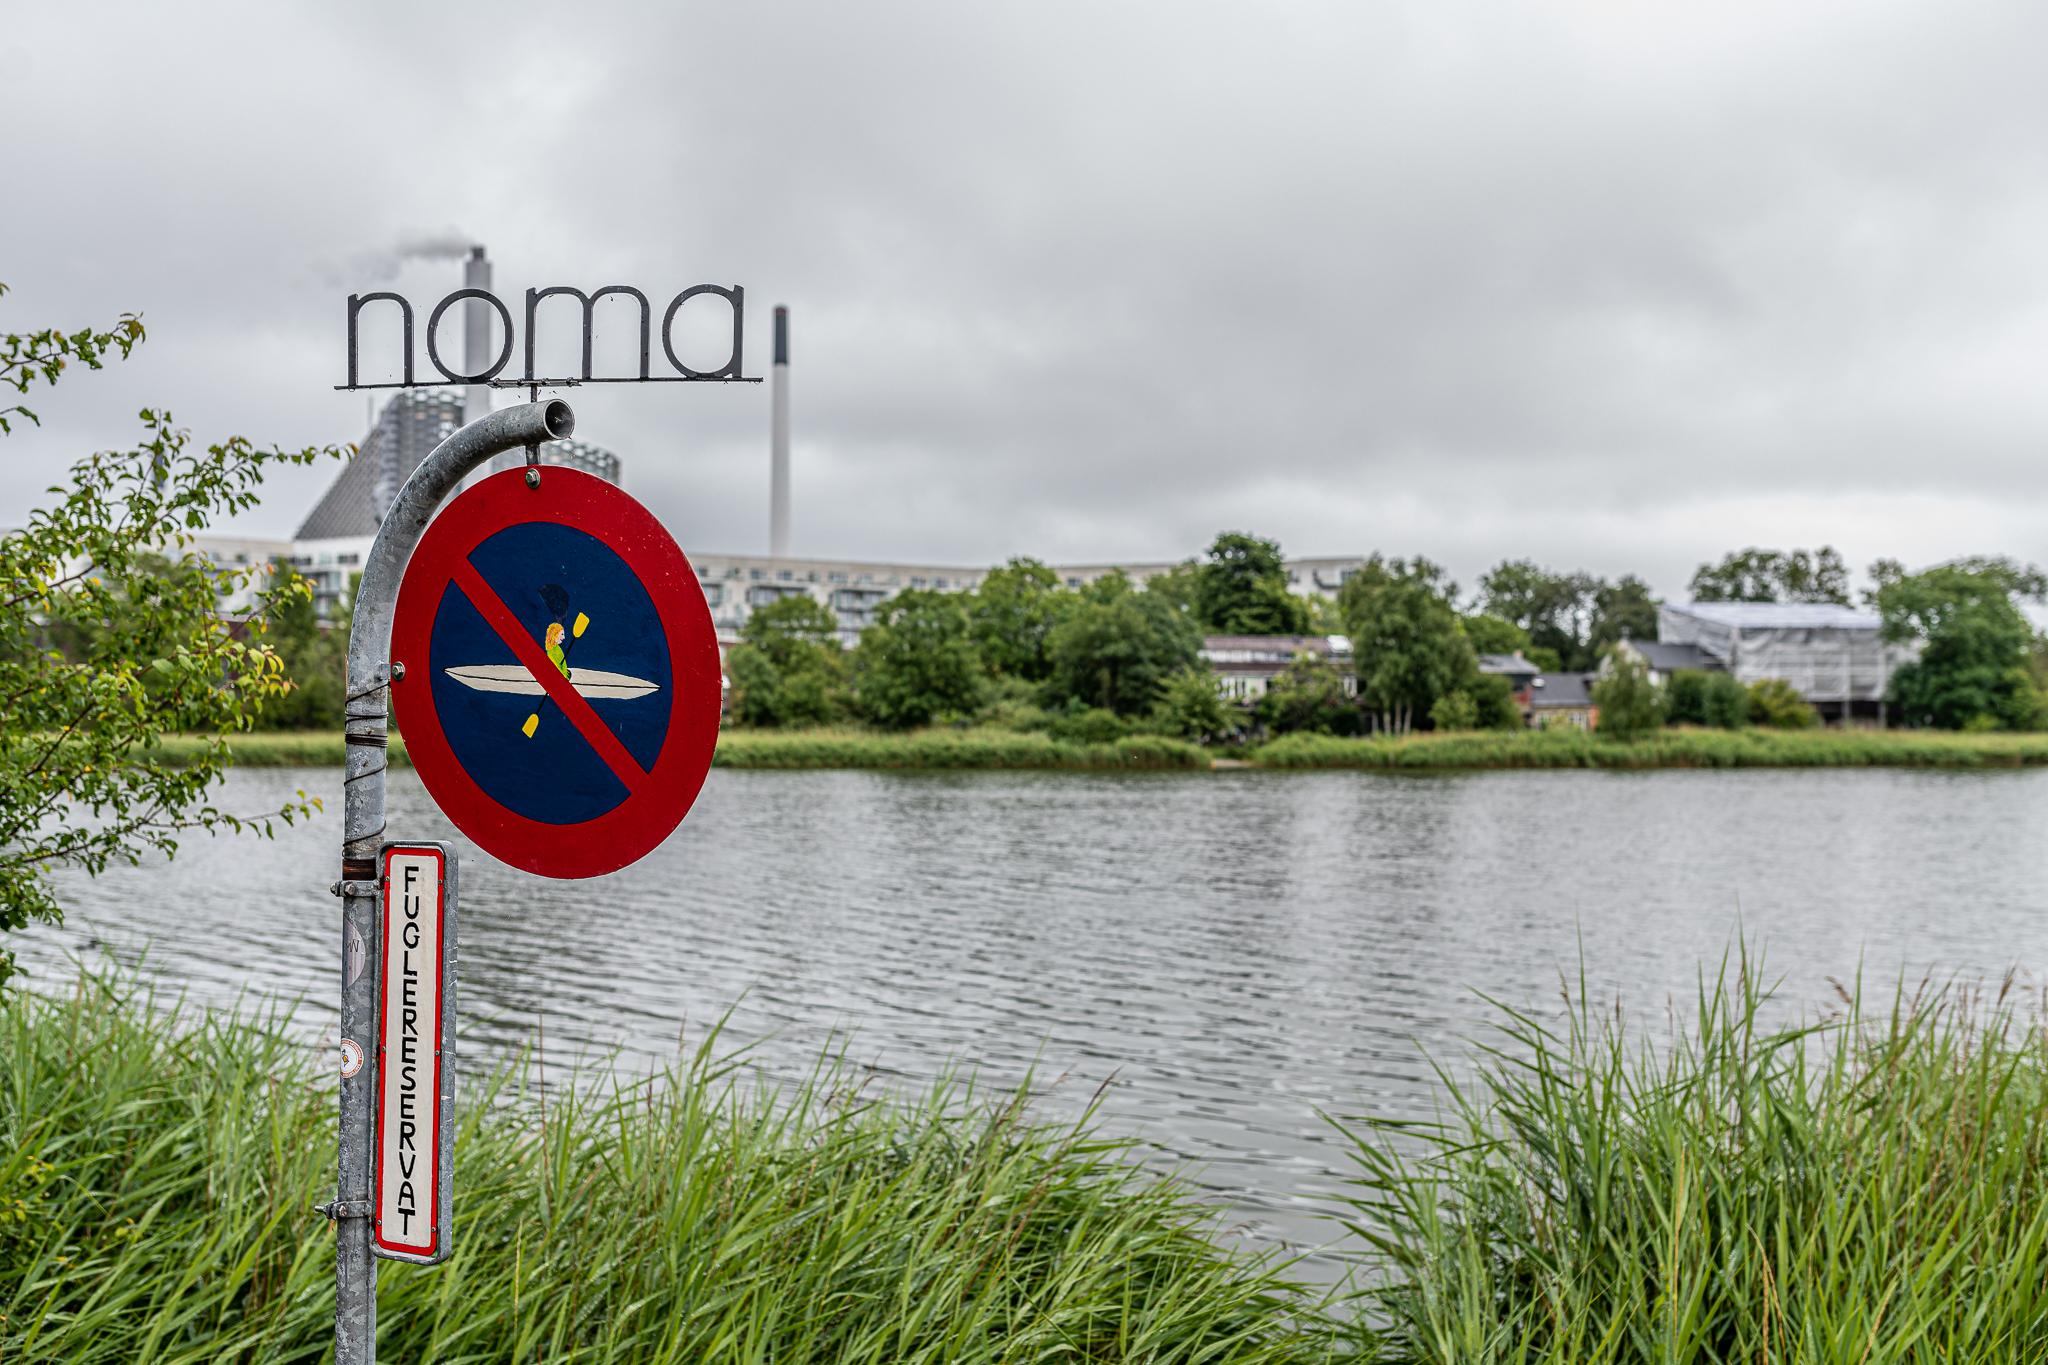 Noma, Vegetable Menu Copenhagen - 2019.07.06